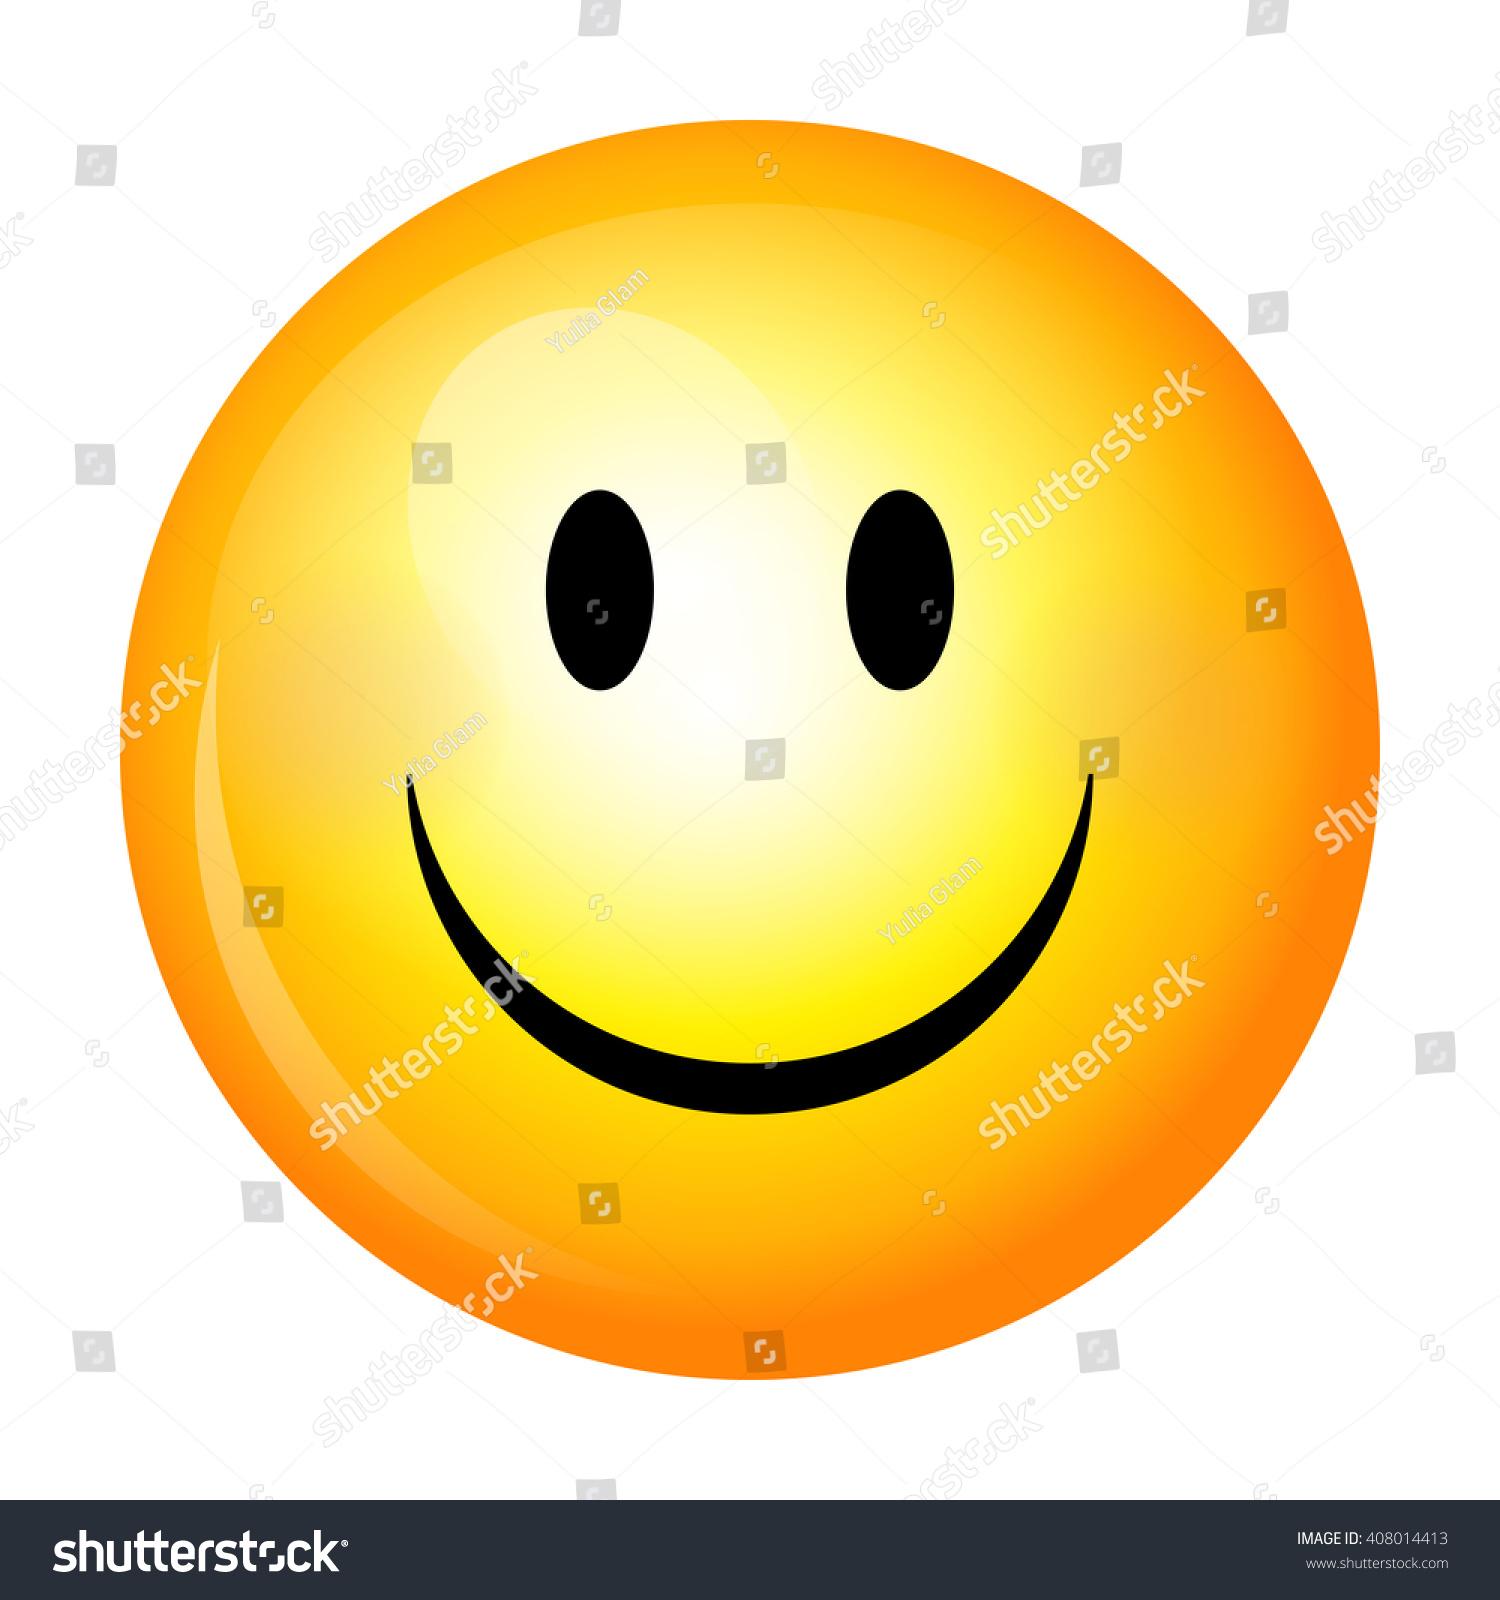 smiley vector happy face stock vector 408014413 shutterstock rh shutterstock com vector smiley face pack yellow vector smiley faces